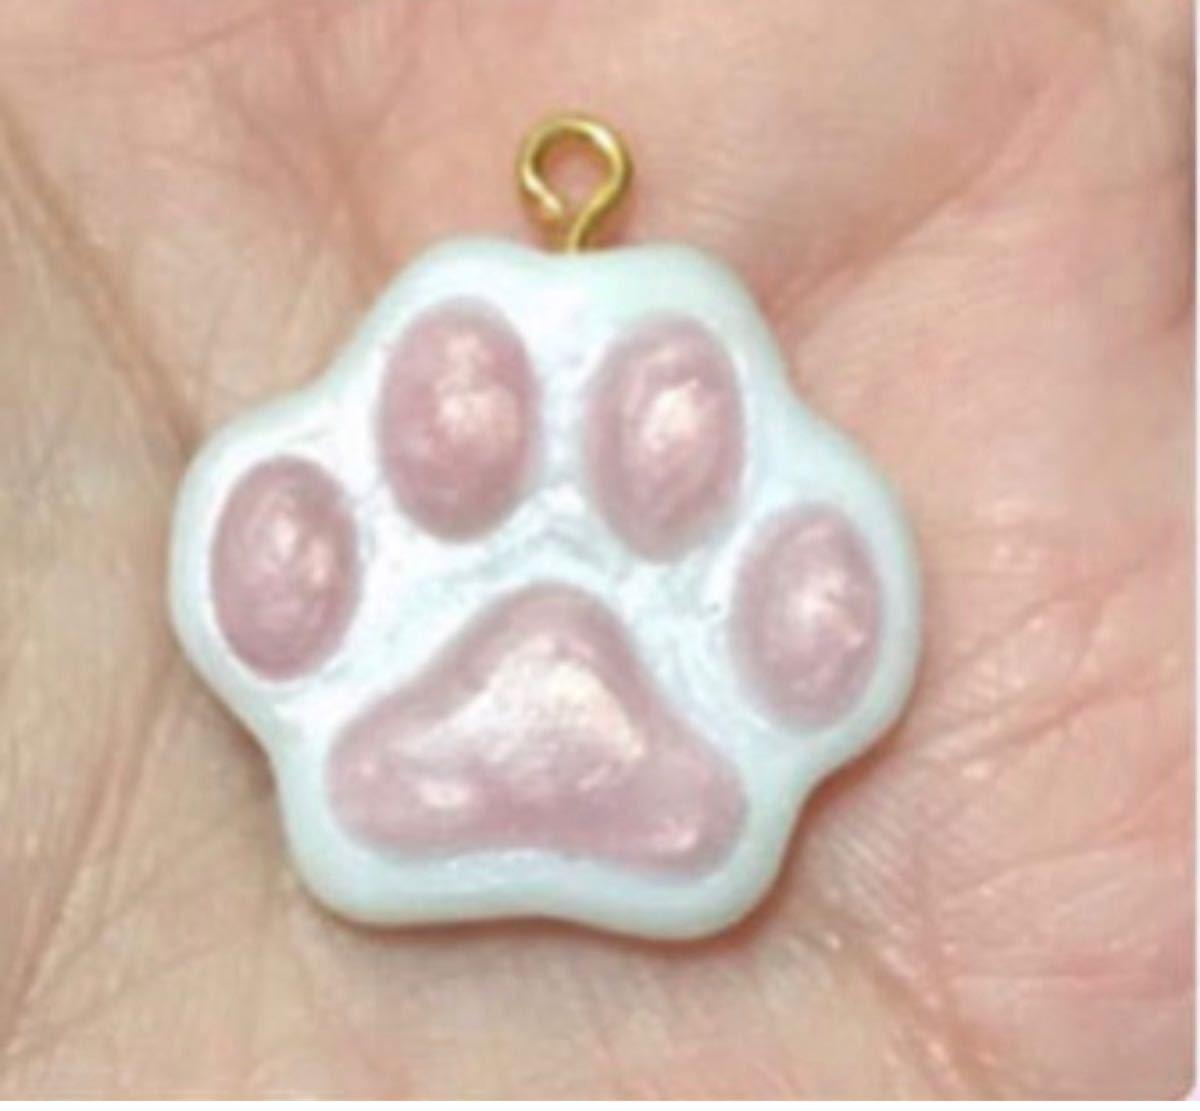 シリコンモールド ミニ猫。肉球。 肉球 レジン ハンドメイド シリコンモールド 猫の手